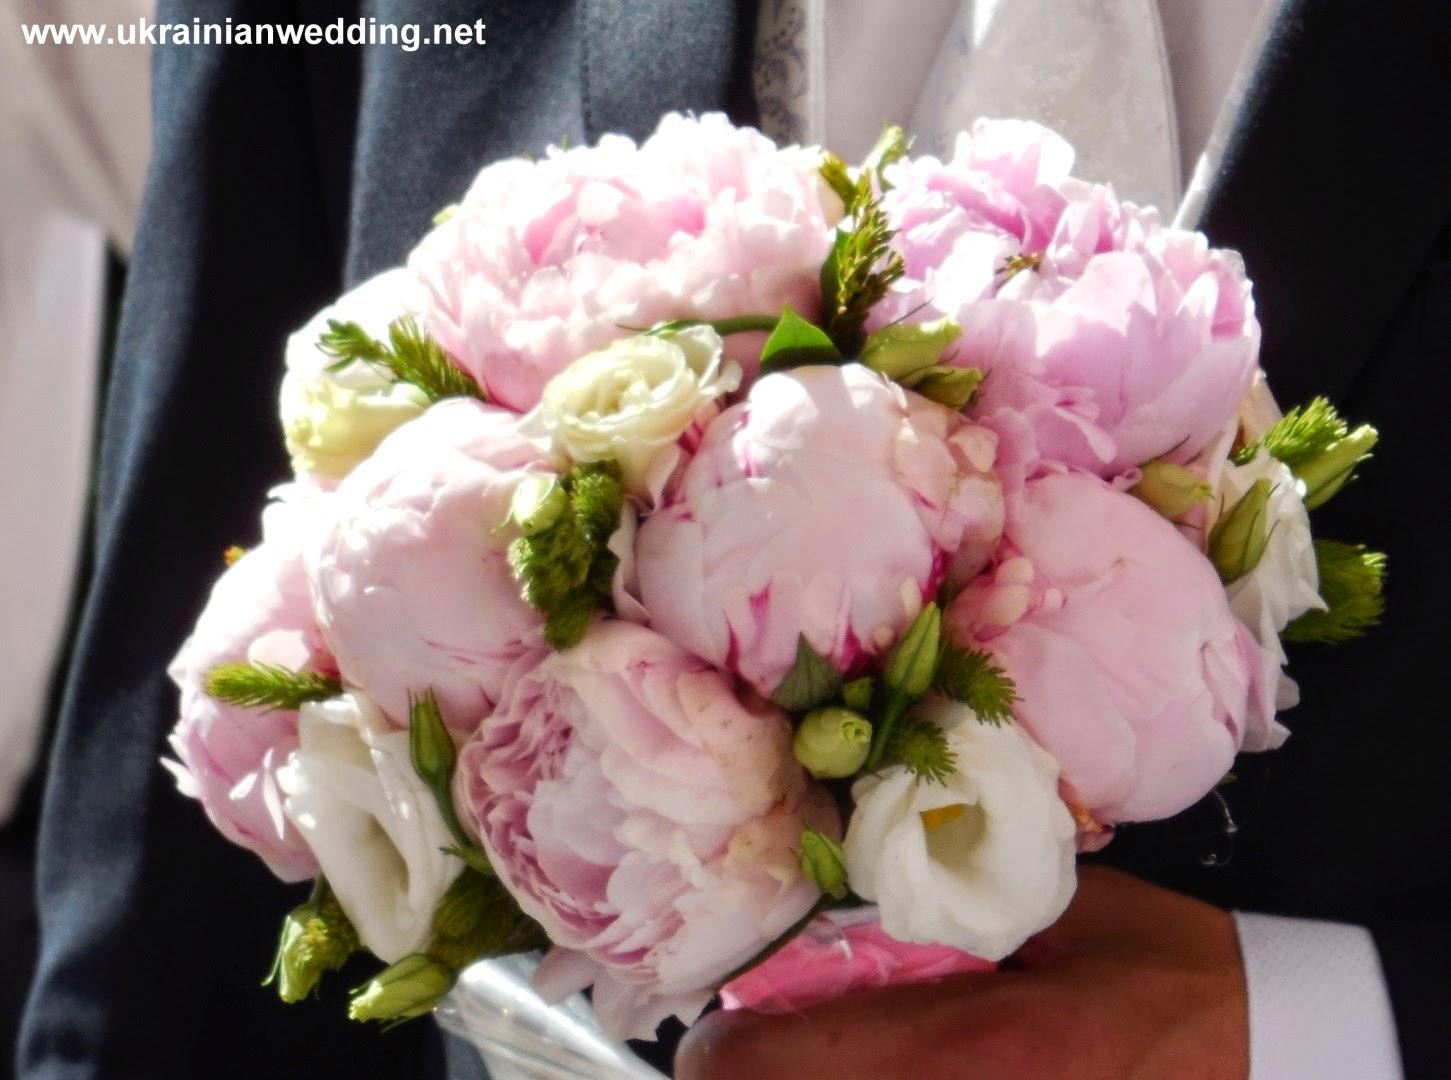 Букет нареченої, півонії і троянди